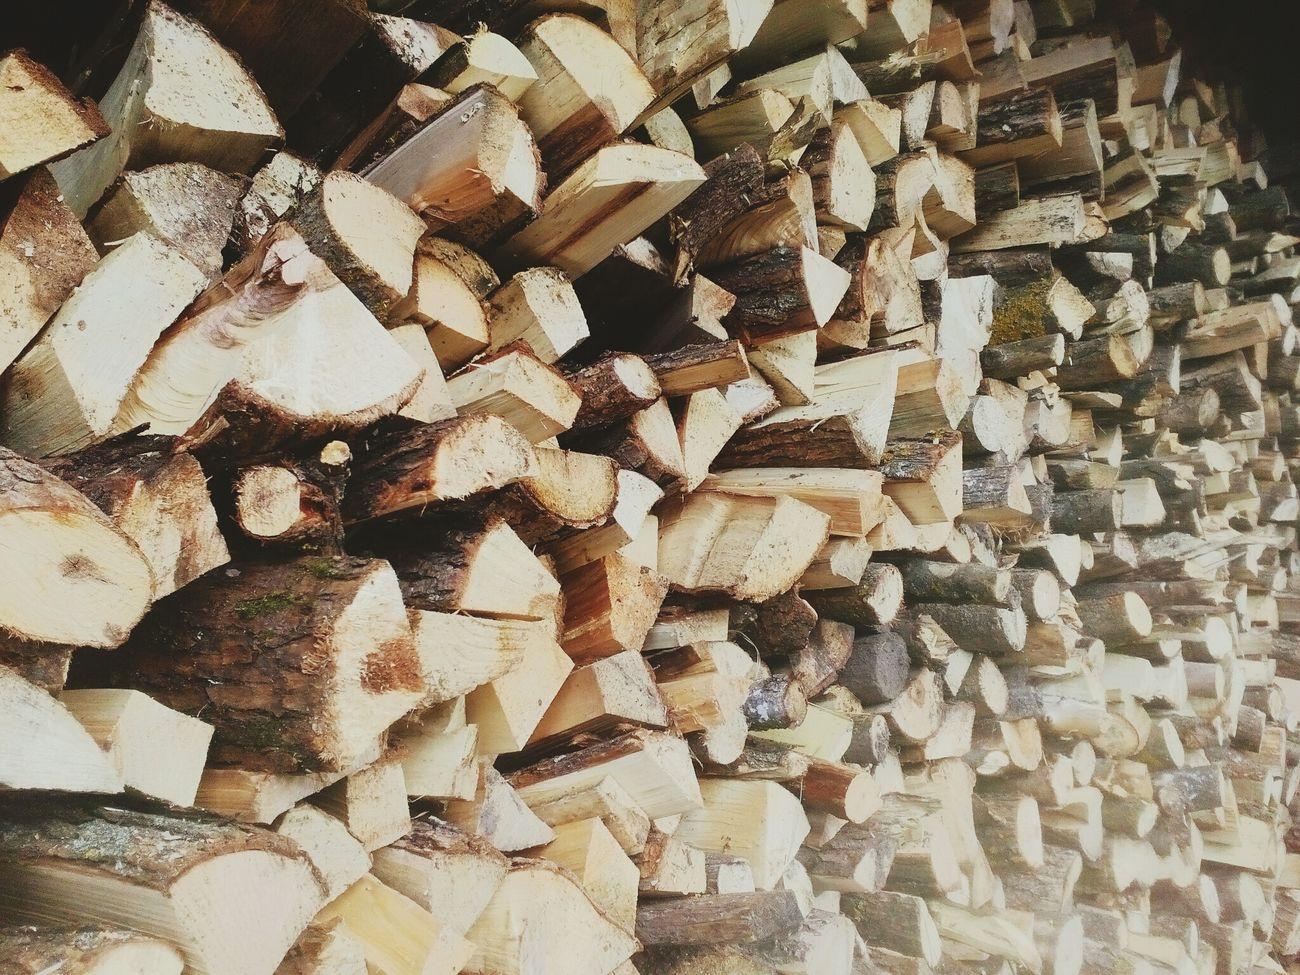 Day No People Stack Textured  дома дрова сегодняшнее утро